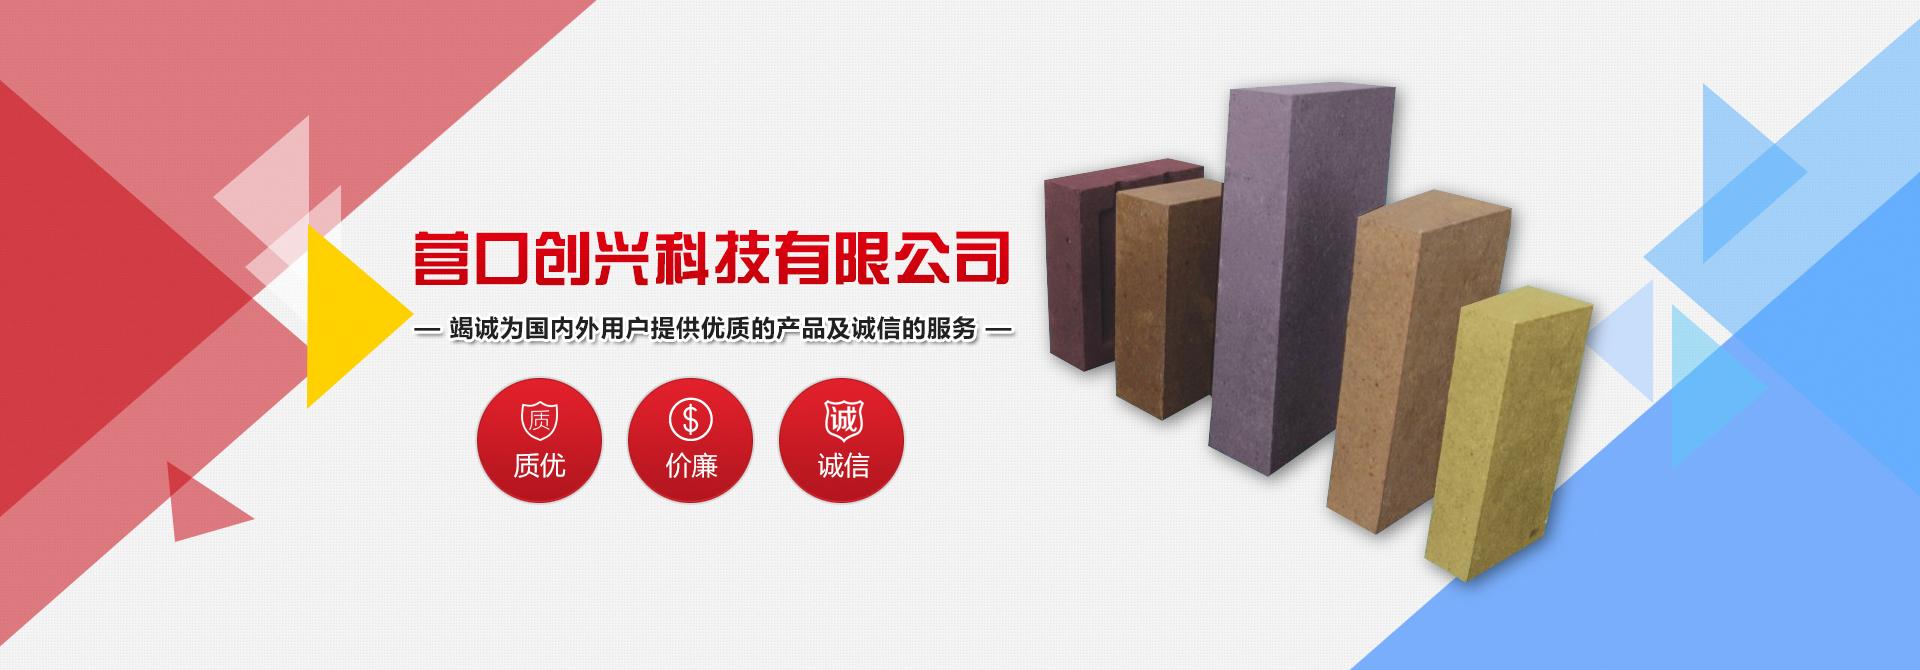 辽宁镁碳砖